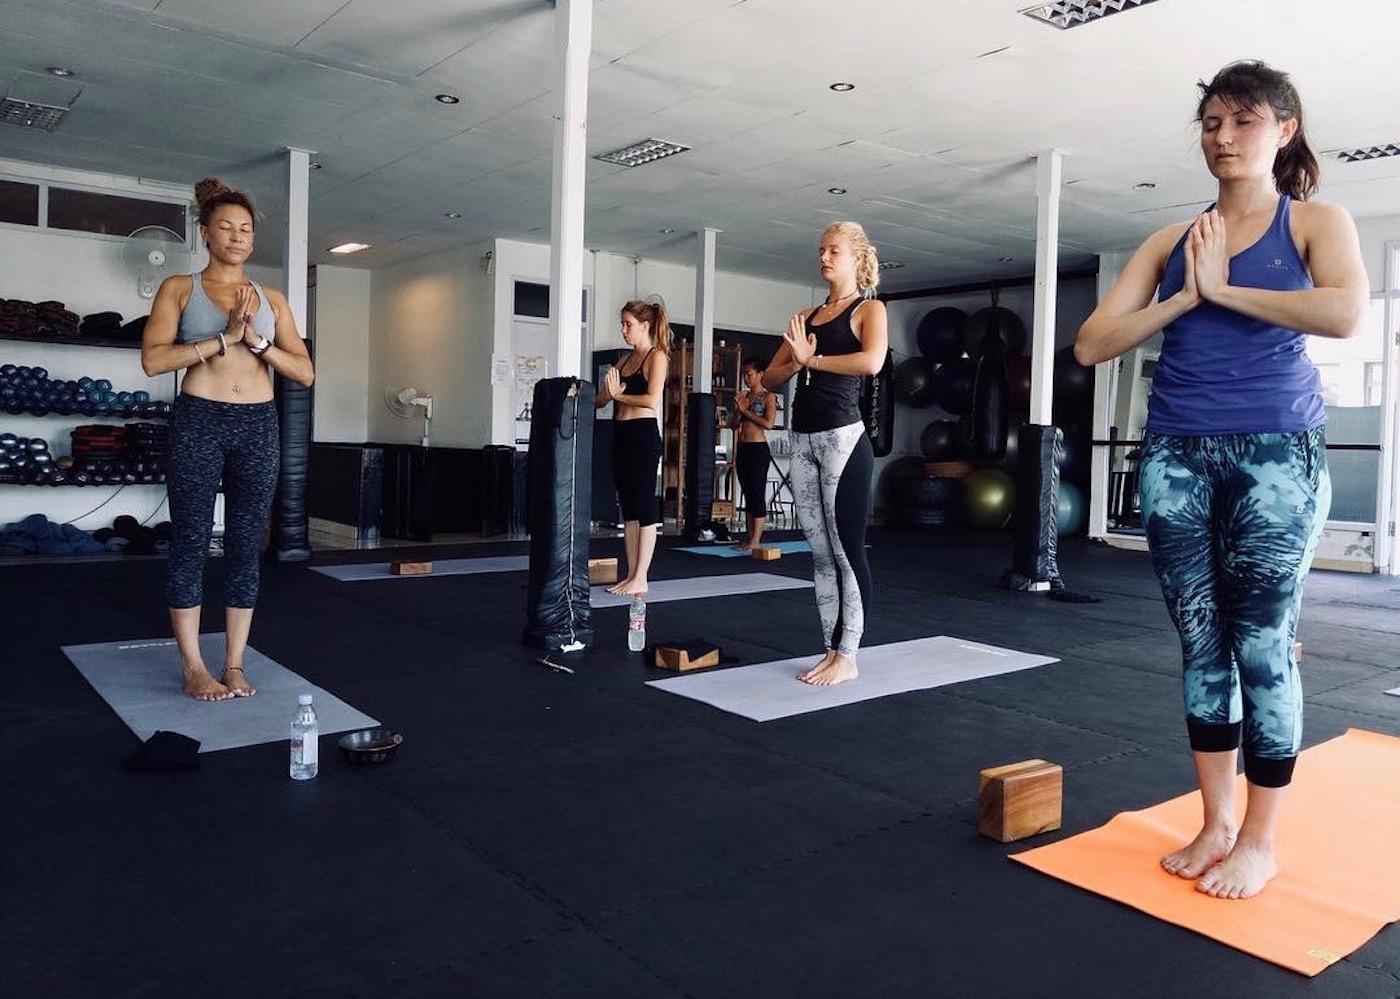 Yogis at Motion Fitness yoga studio in Seminyak, Bali, Indonesia